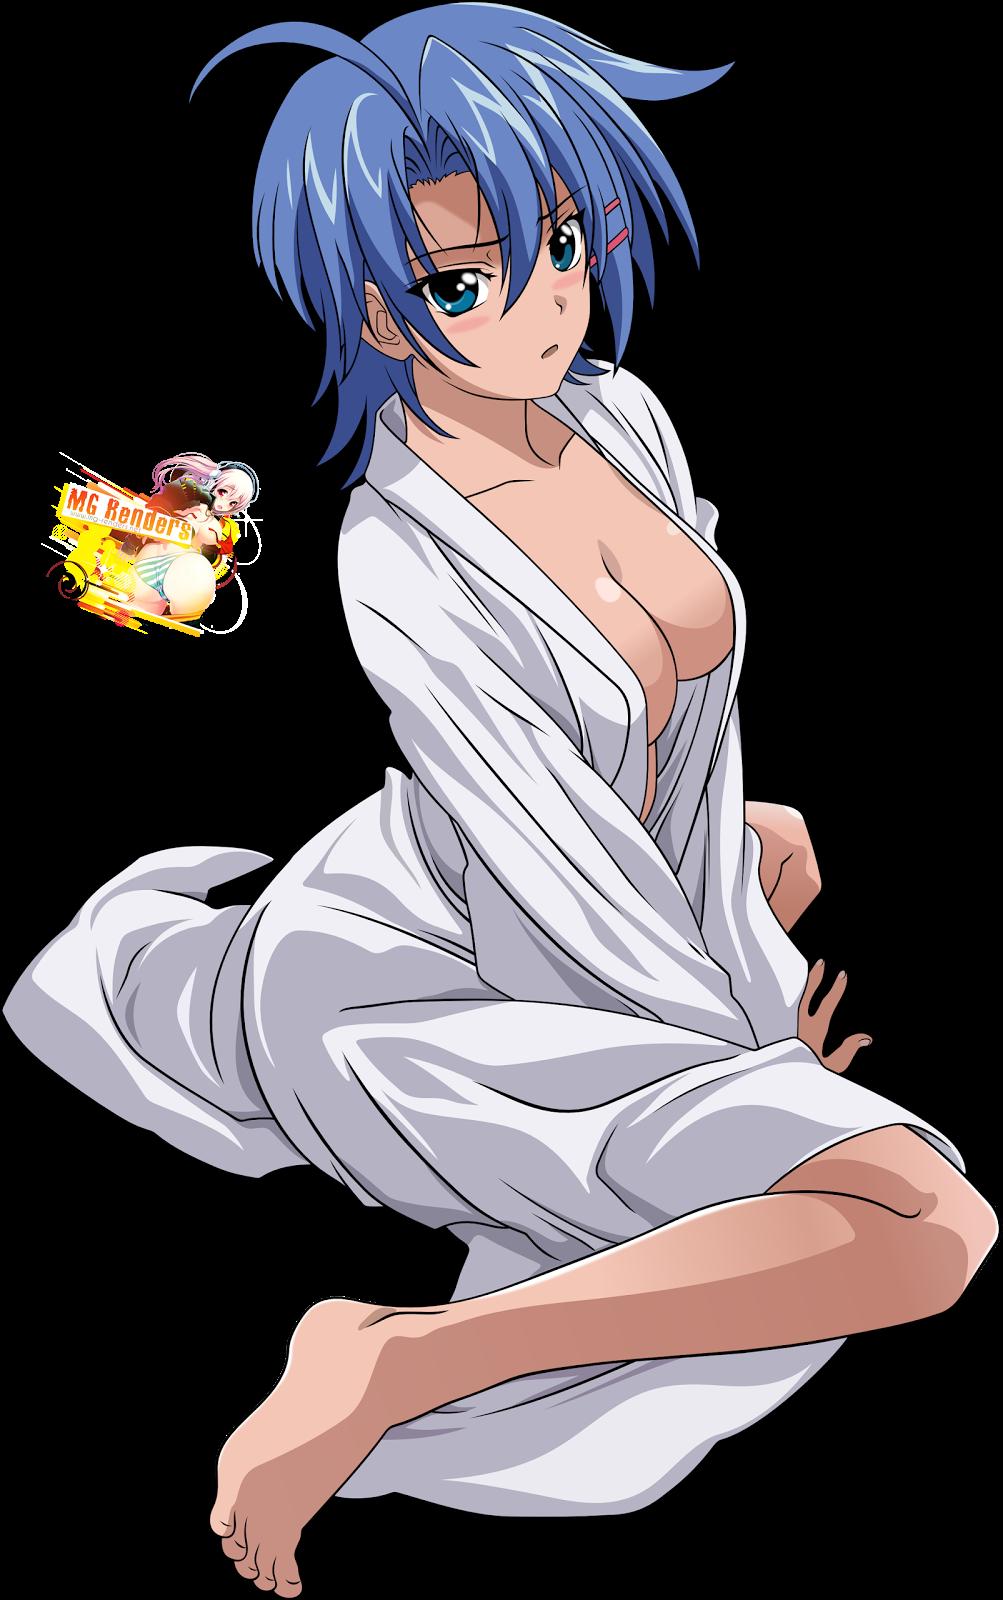 ichiban ushiro no daimaou hentai